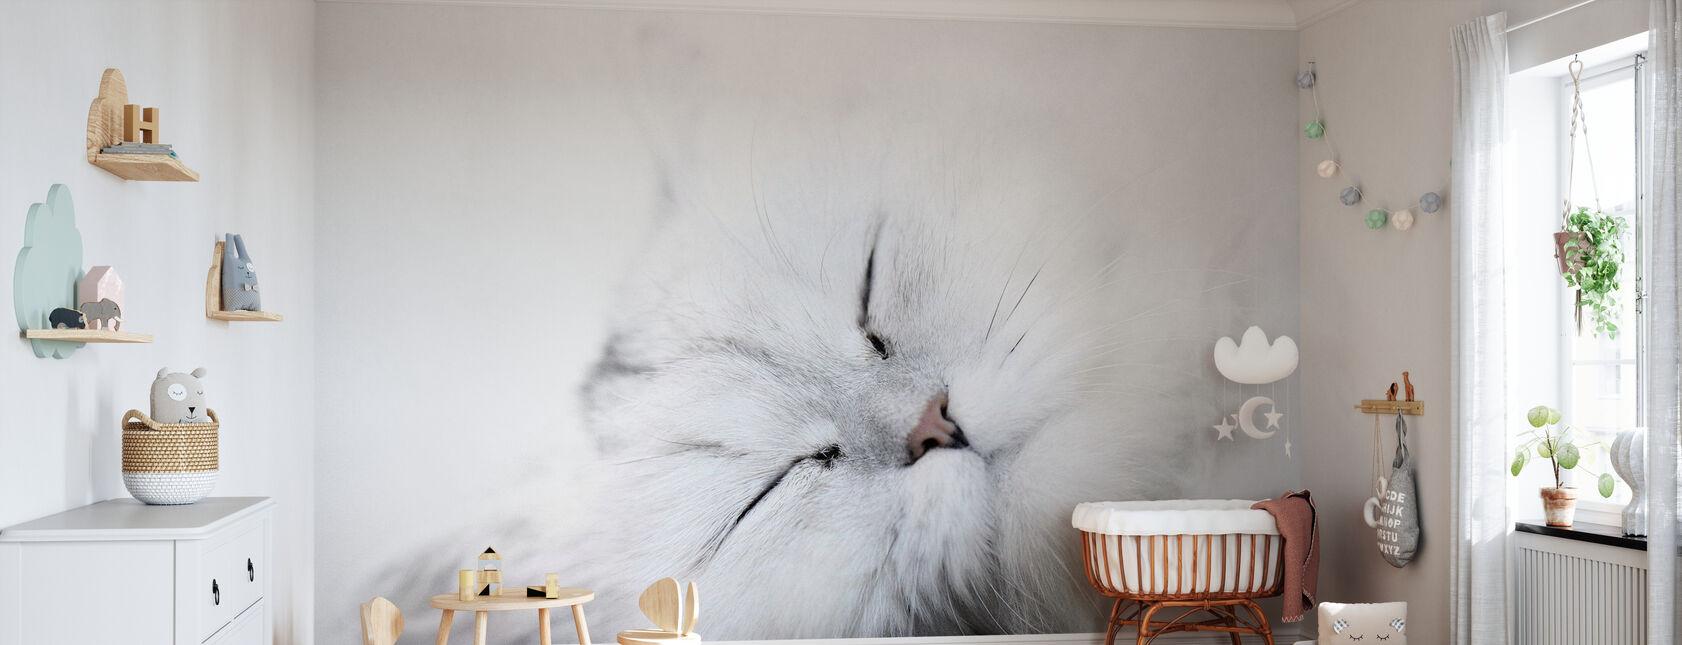 Valkoinen kissa - Tapetti - Vauvan huone